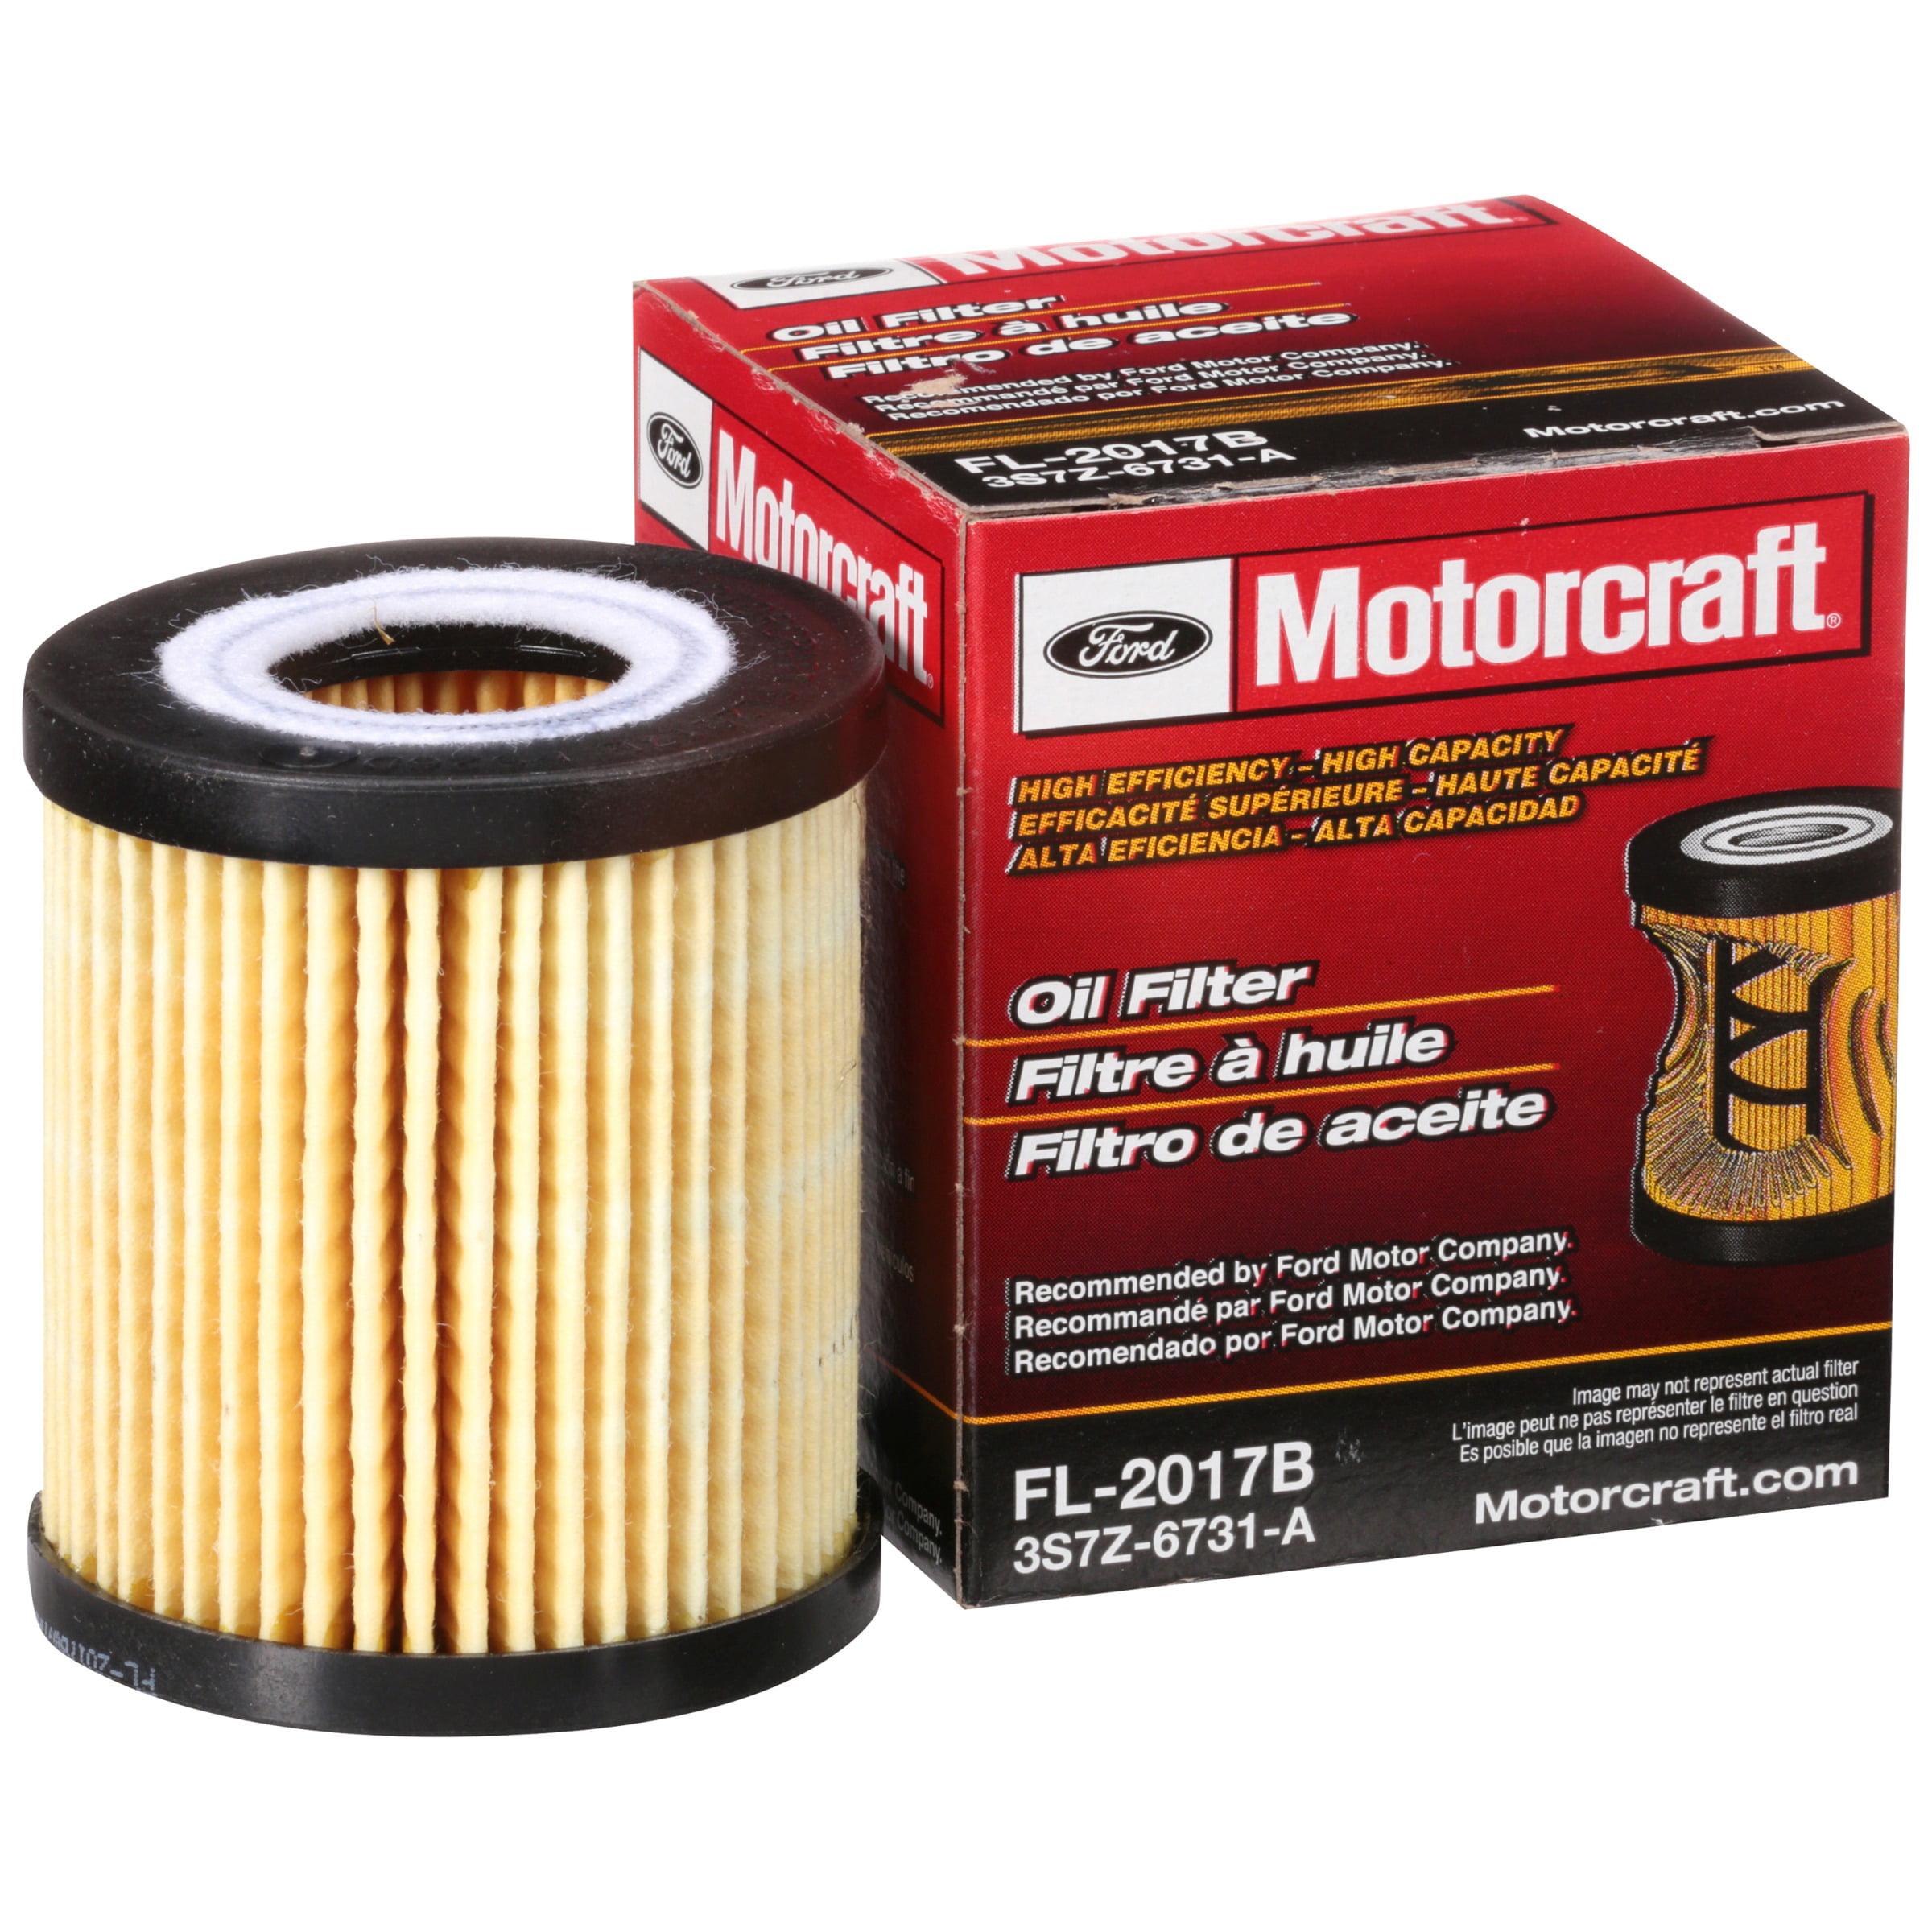 Motorcraft® Oil Filter Box